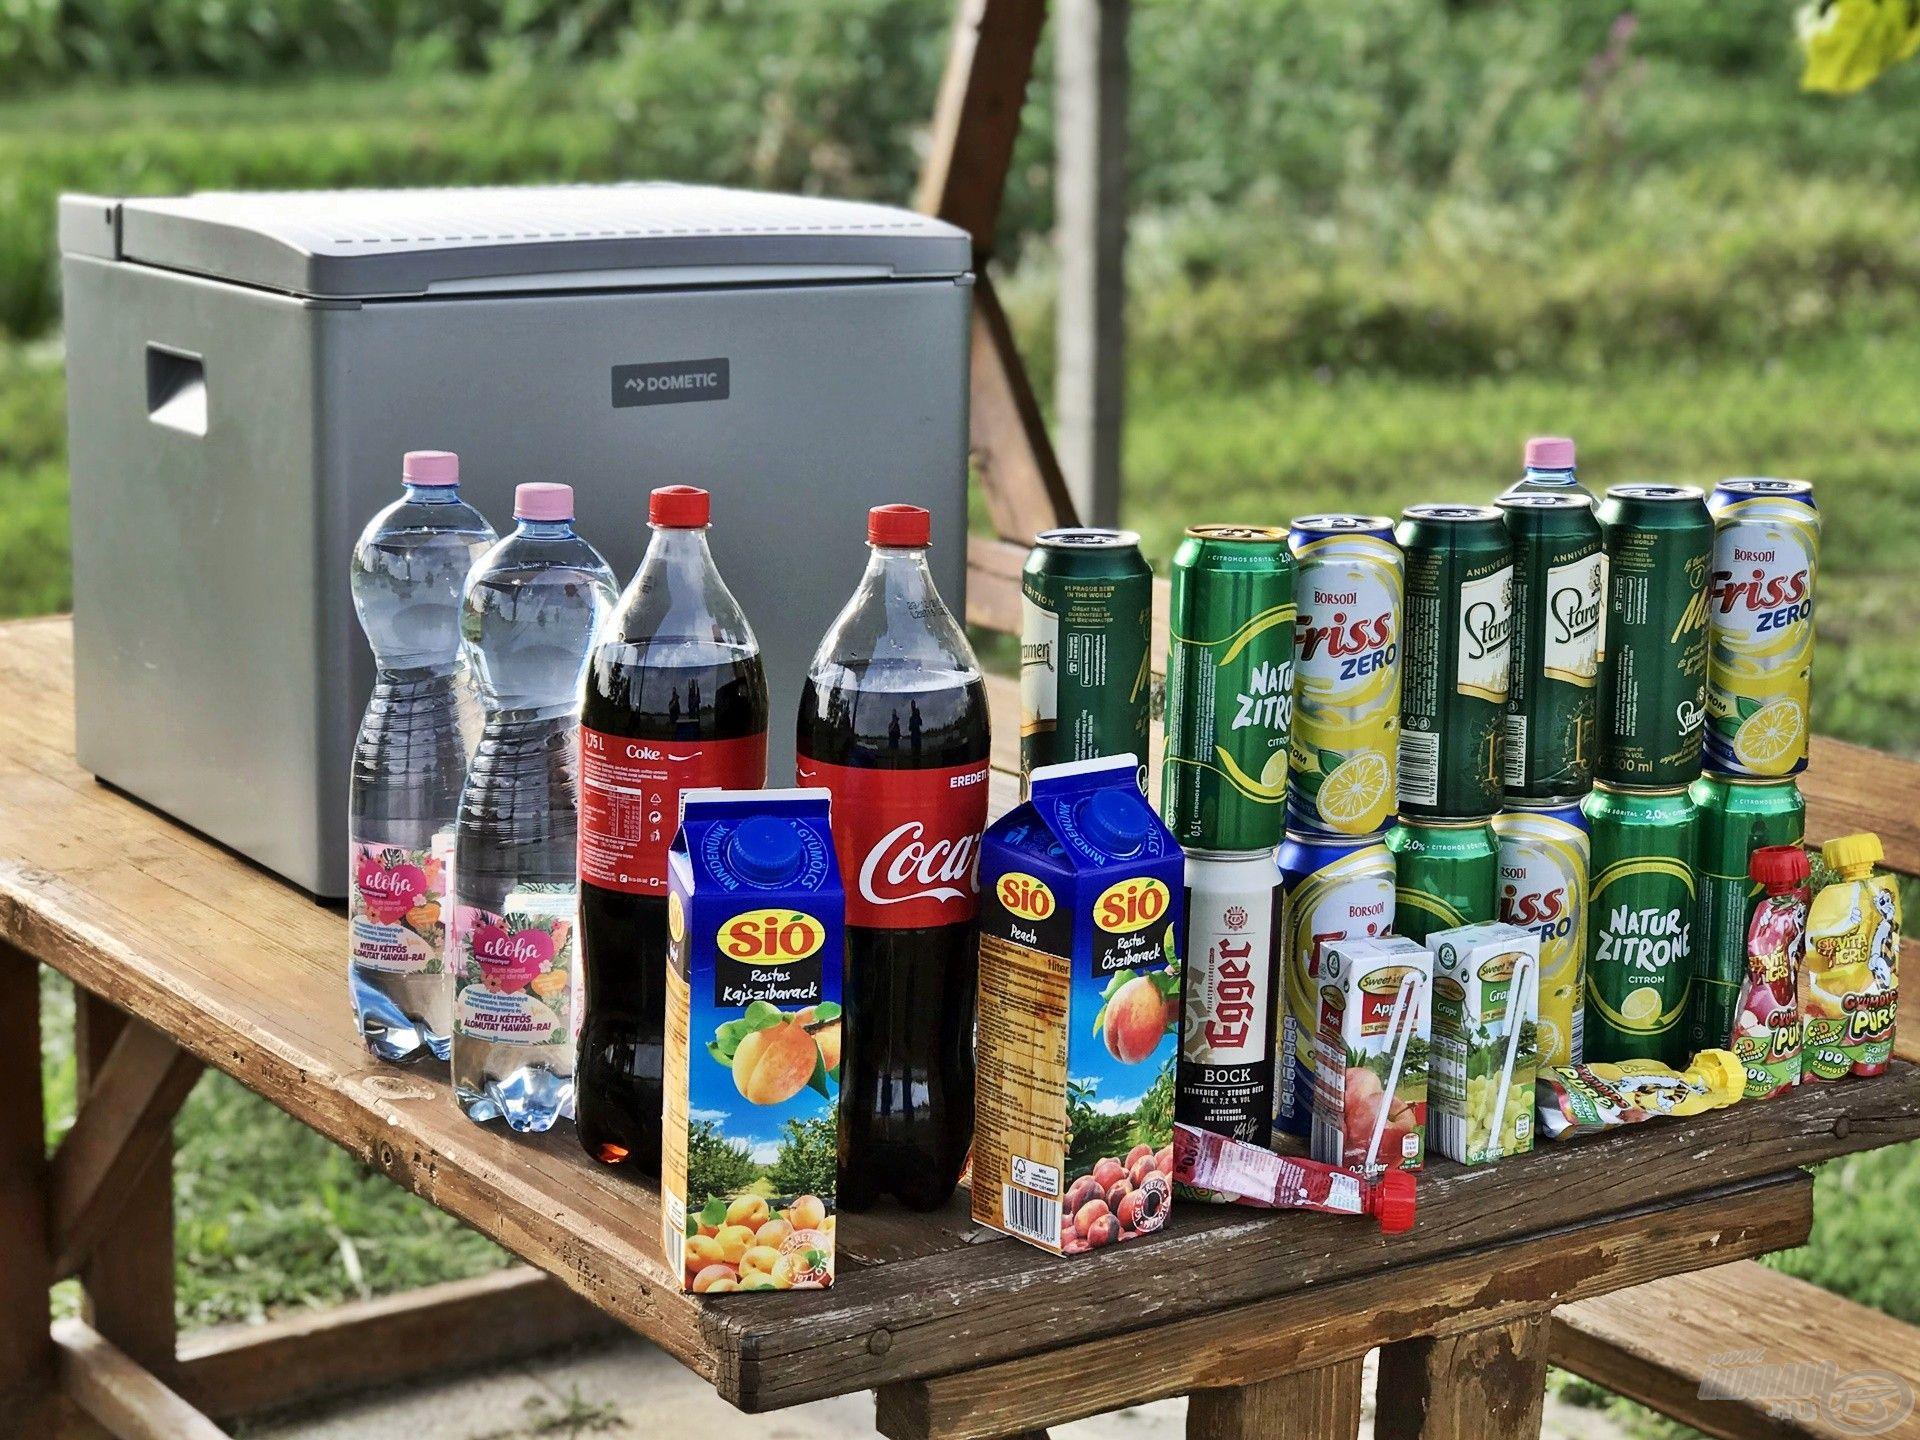 12 db 1,5 literes ásványvizes palack telitölti a hűtőt